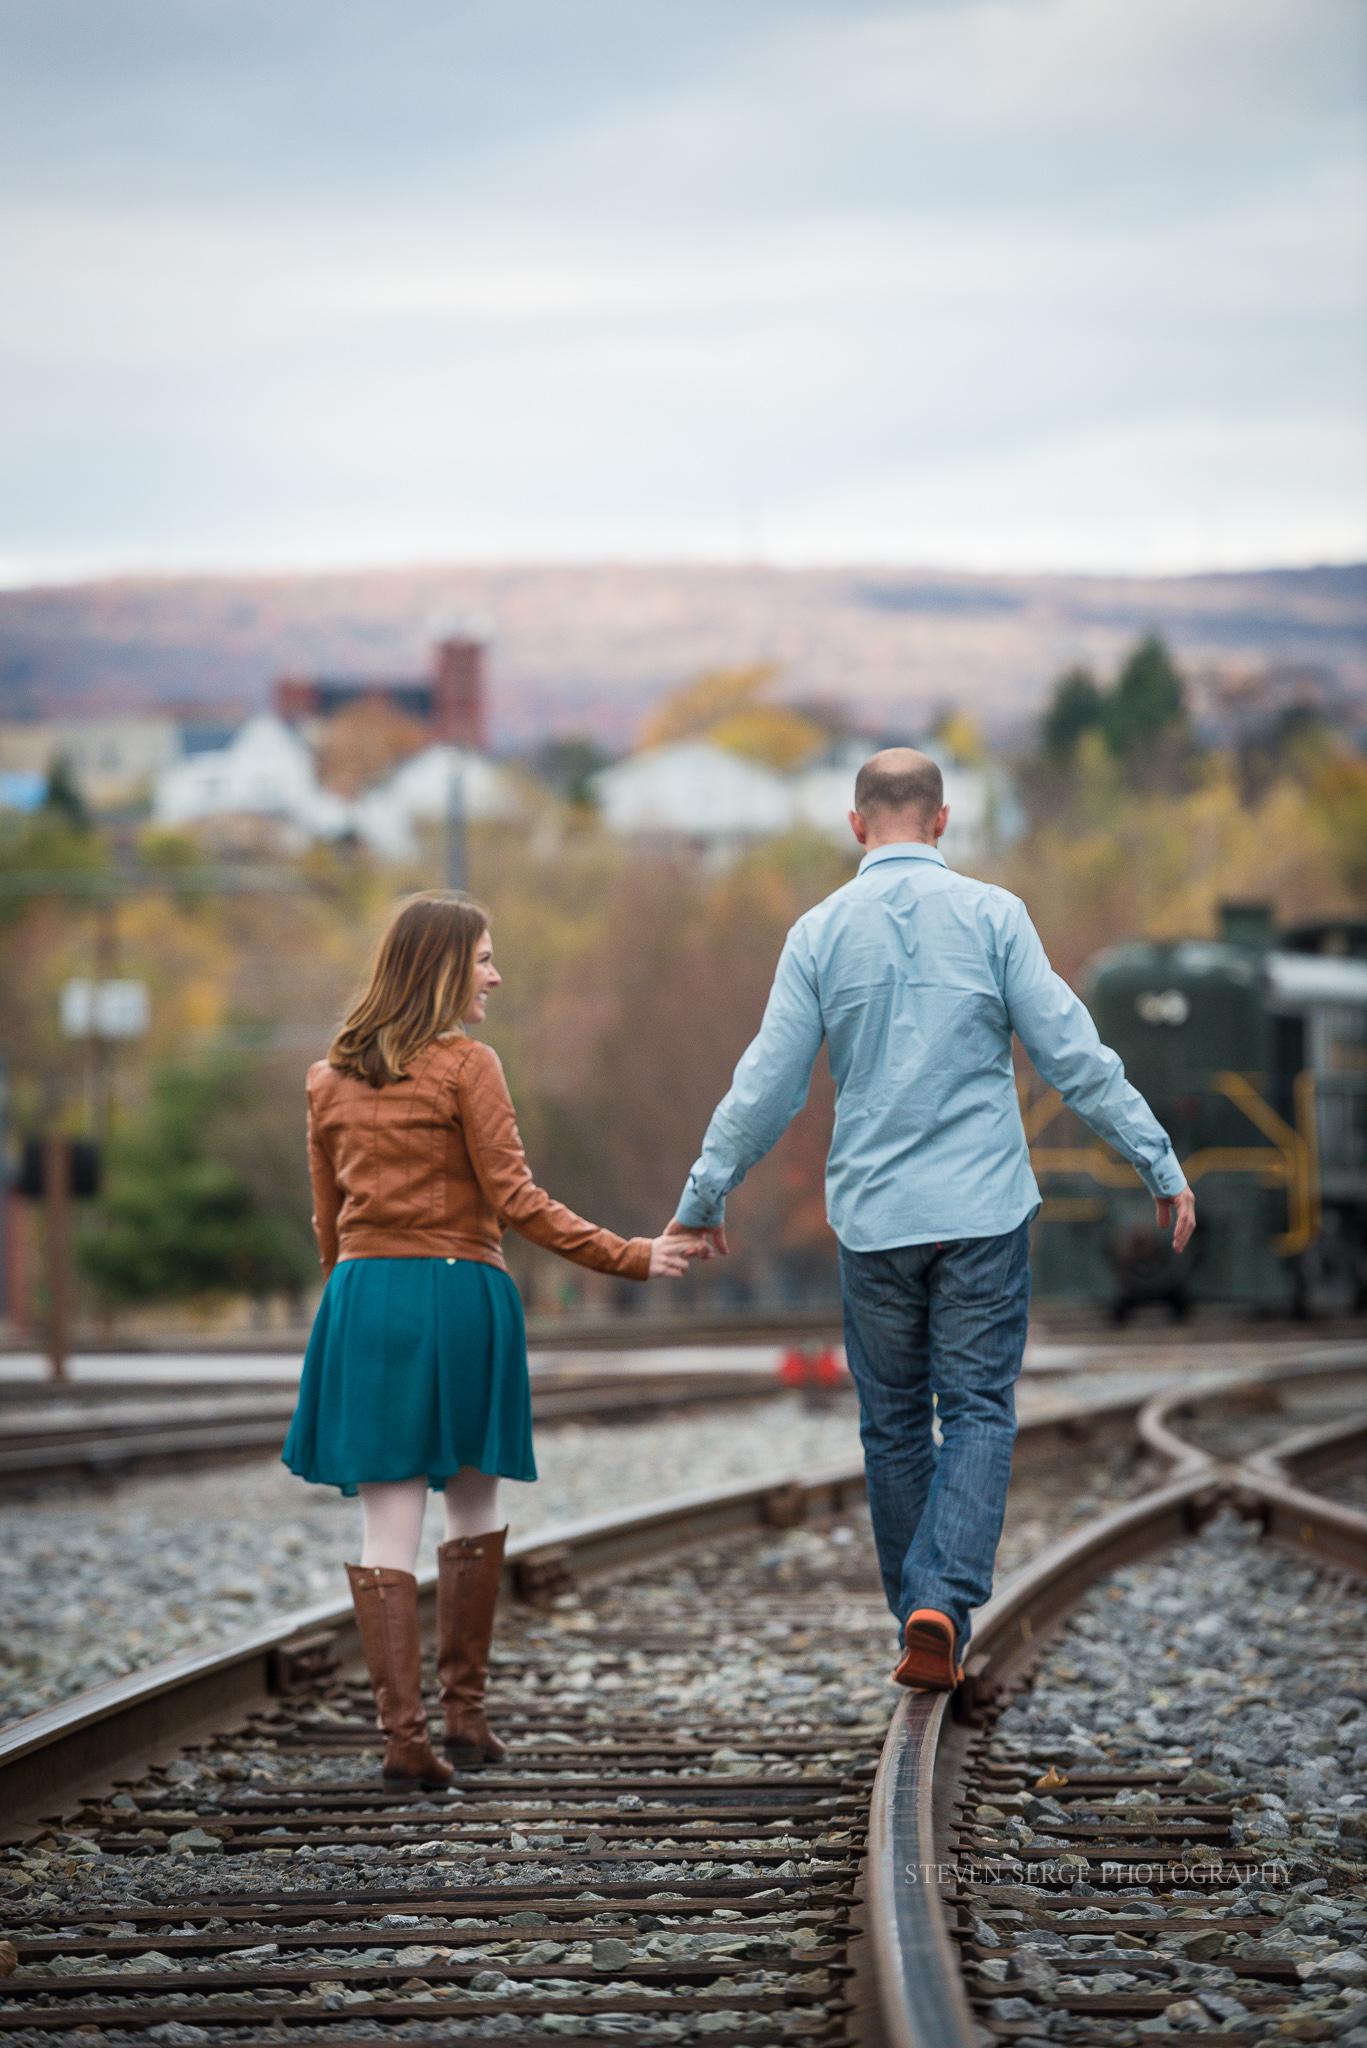 Aleine-Scranton-Engagement-Wedding-Nepa-Photographer-Steamtown-Photography-7.jpg